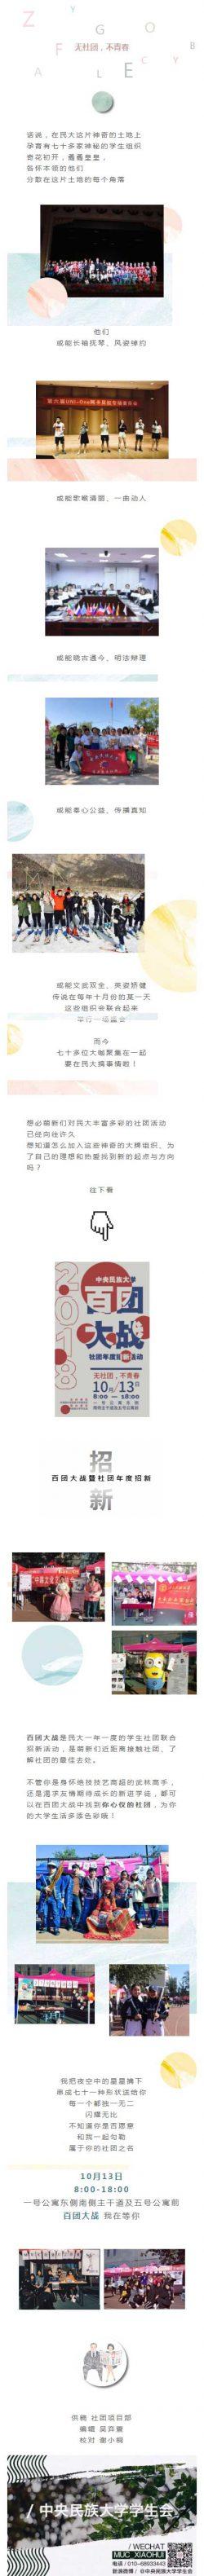 学生组织学校社团活动微信推送文章模板